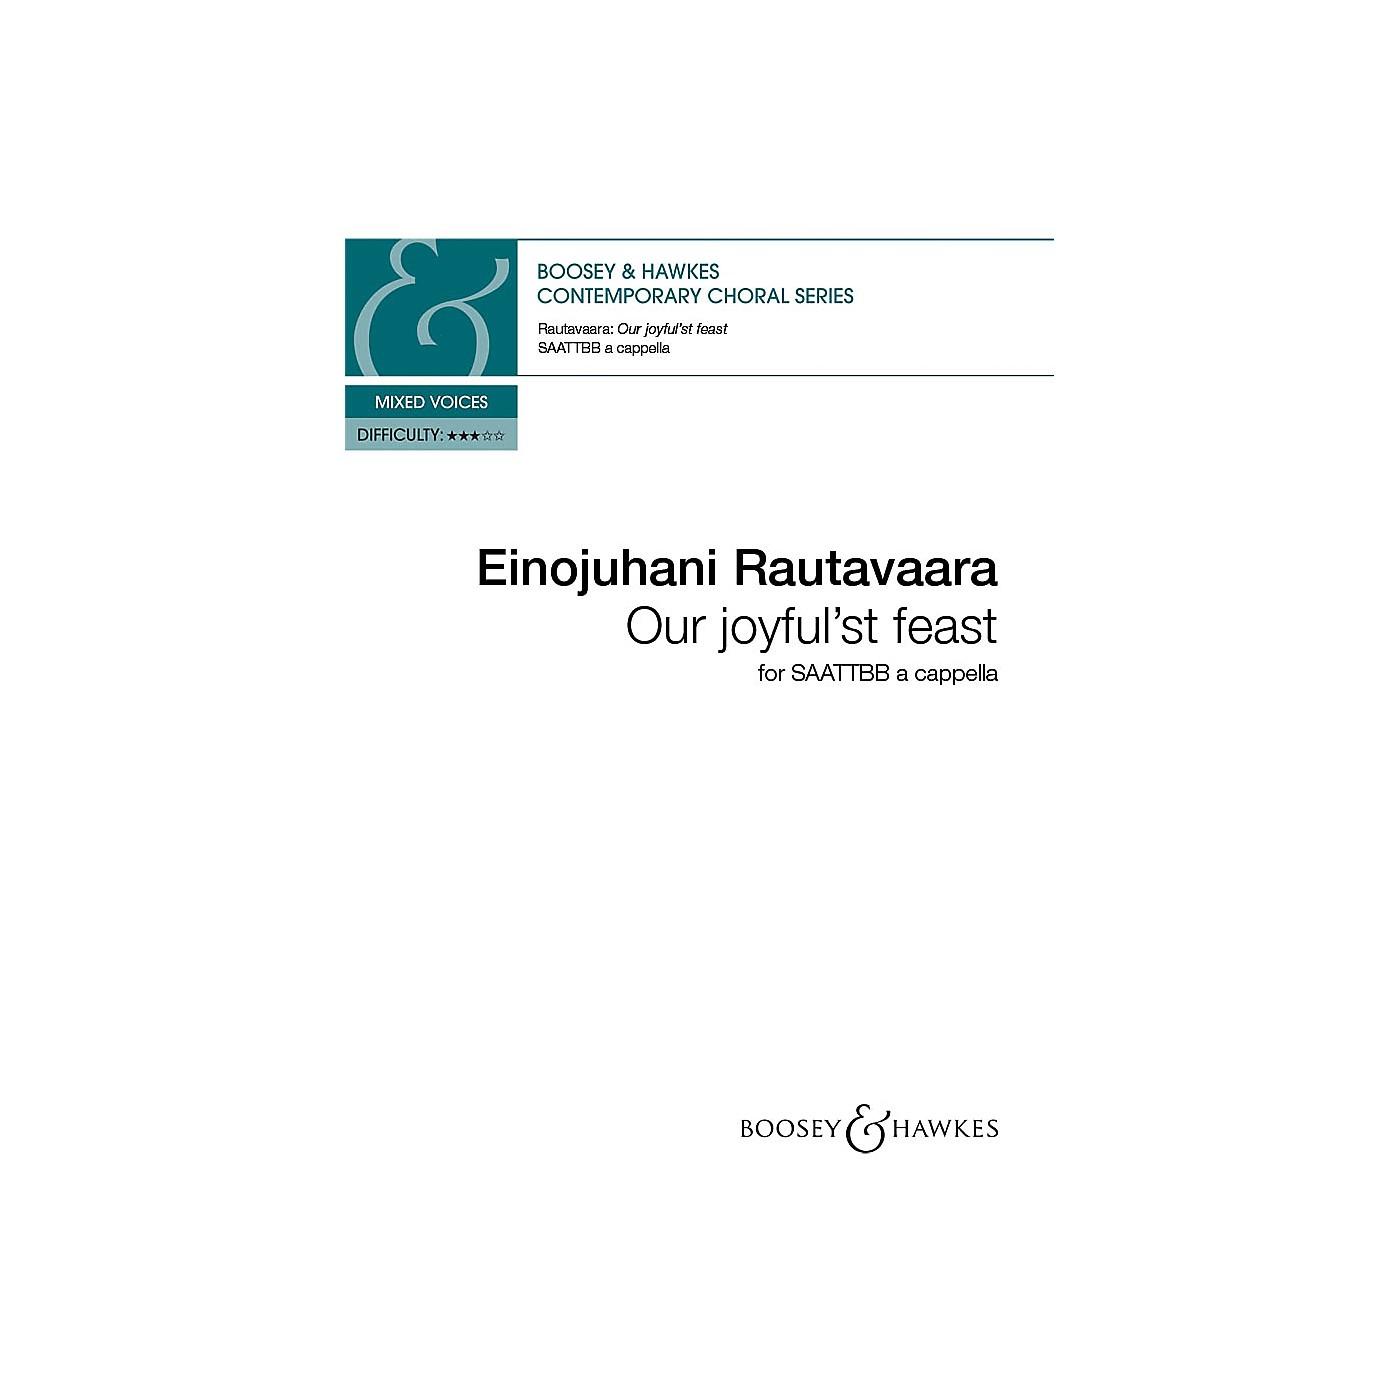 Hal Leonard Our Joyful'st Feast (SAATTBB a cappella) SAATTBB A CAPPELLA composed by Einojuhani Rautavaara thumbnail